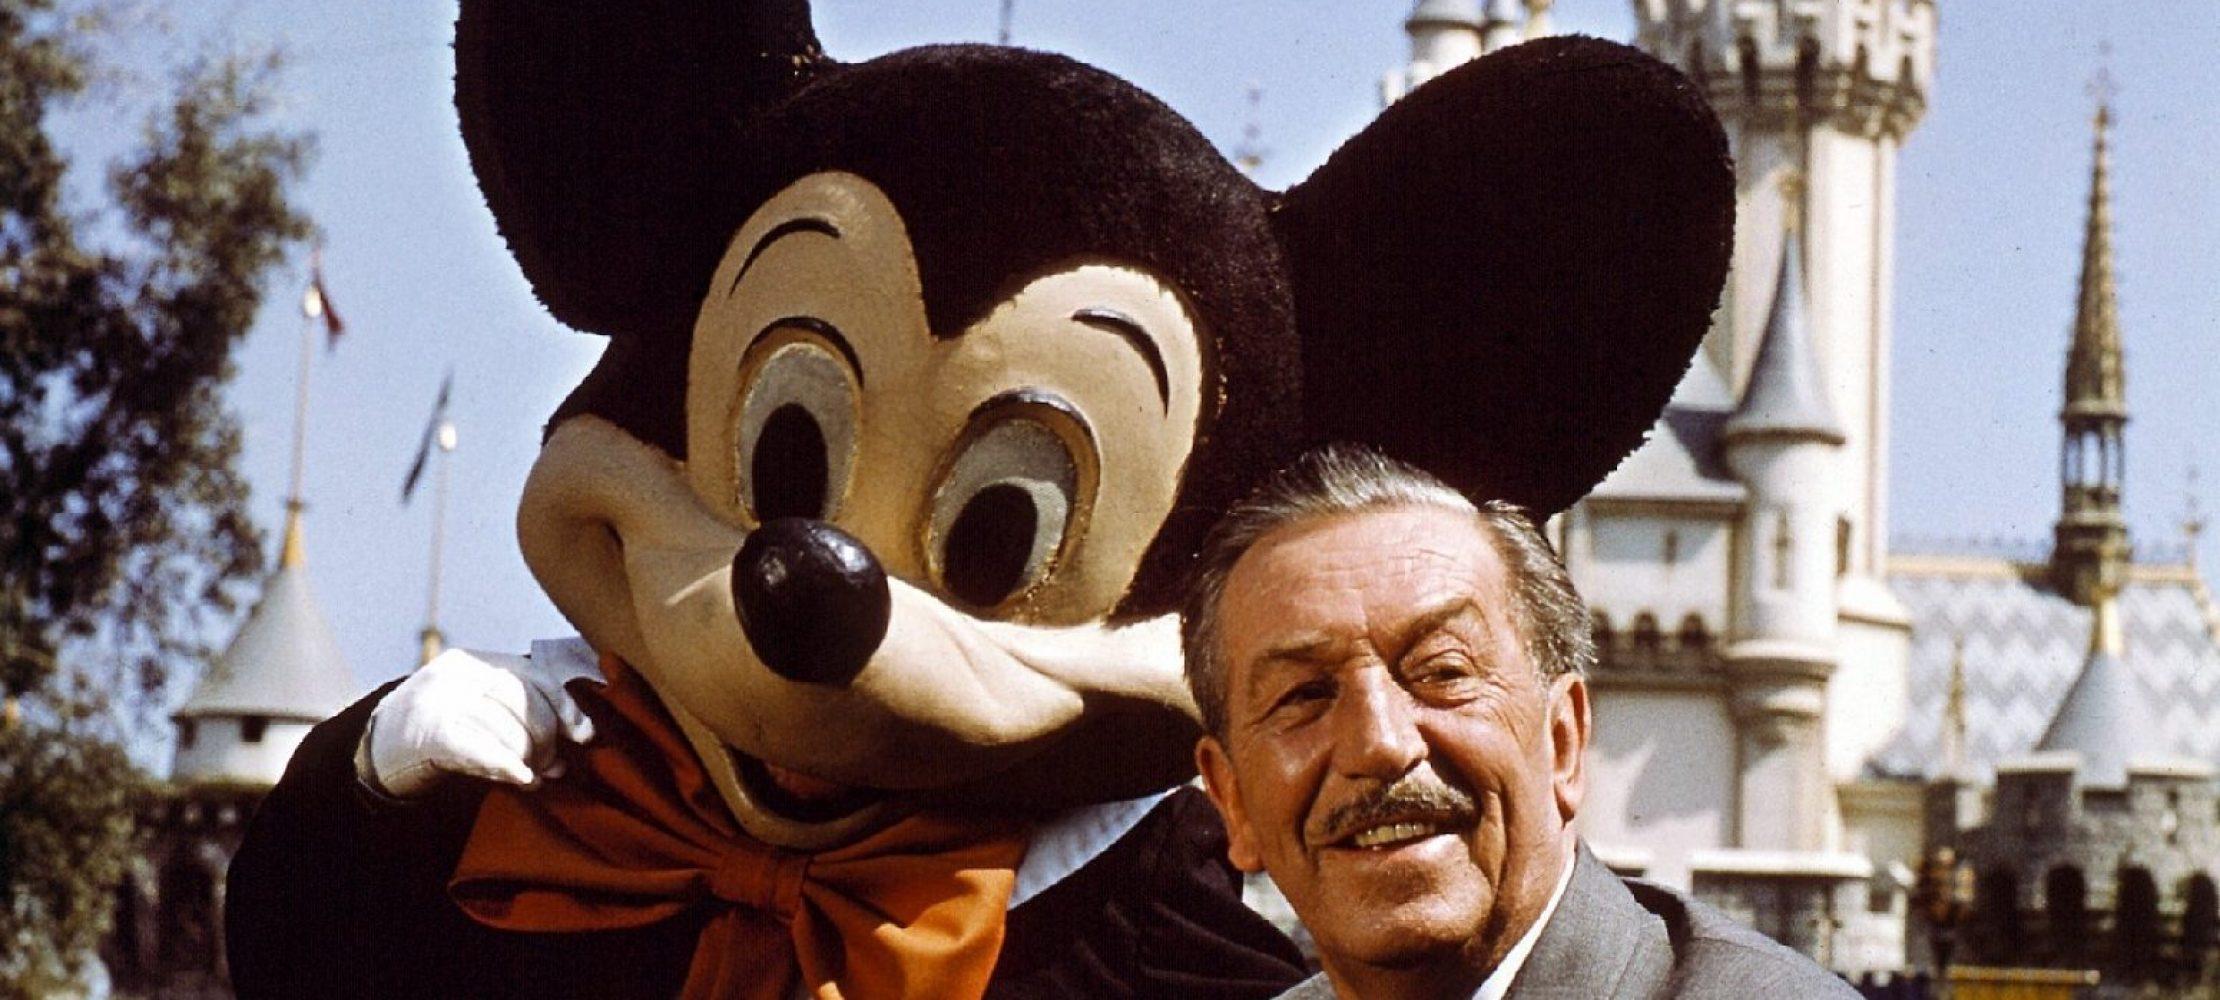 Herzlichen Gluckwunsch Zum Geburtstag Walt Disney